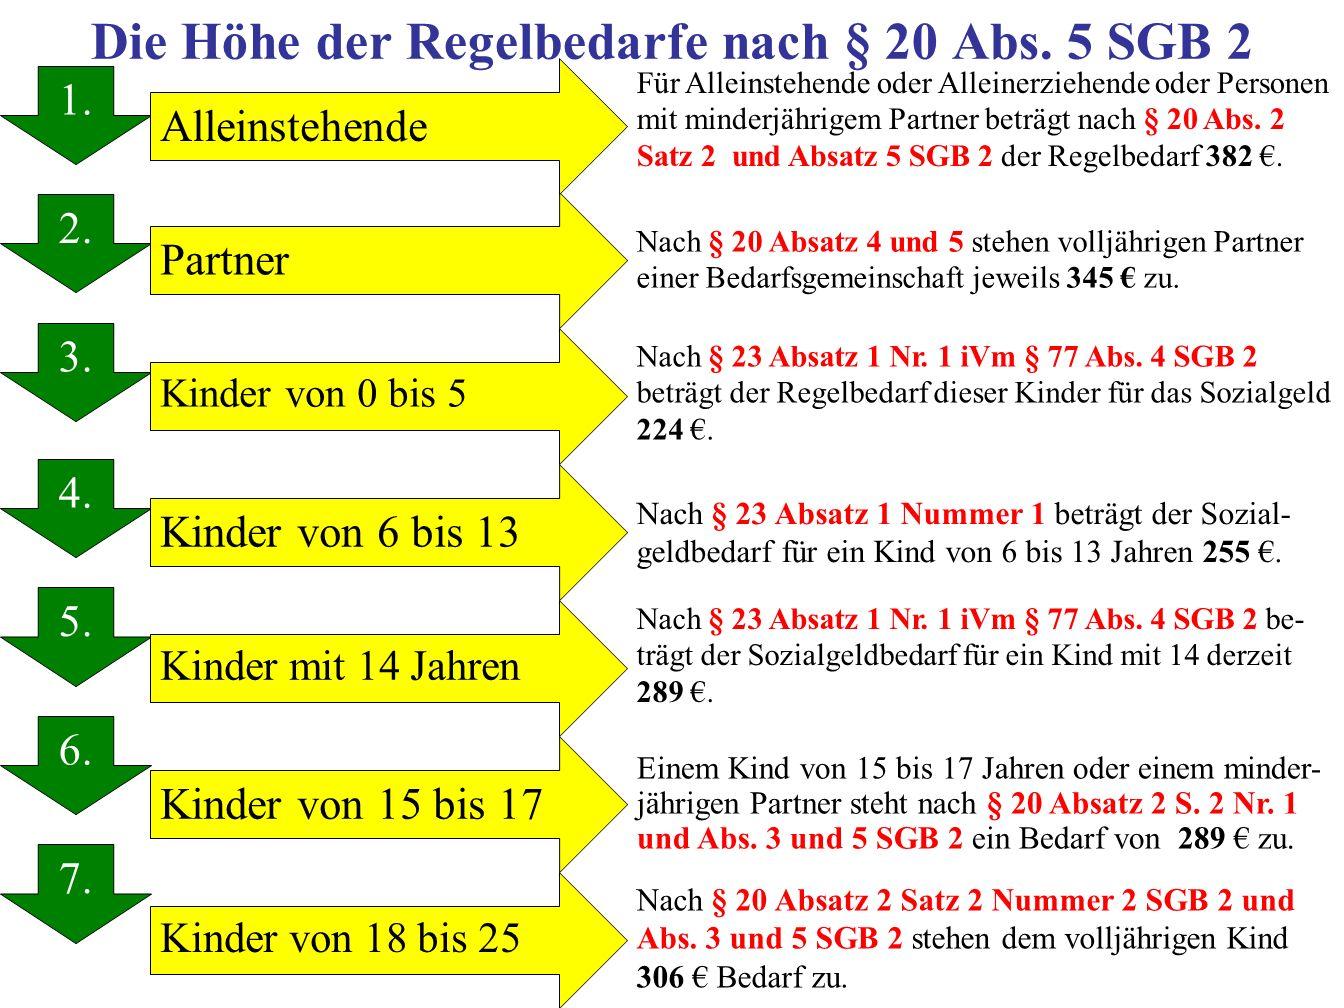 Die Höhe der Regelbedarfe nach § 20 Abs.5 SGB 2 1.